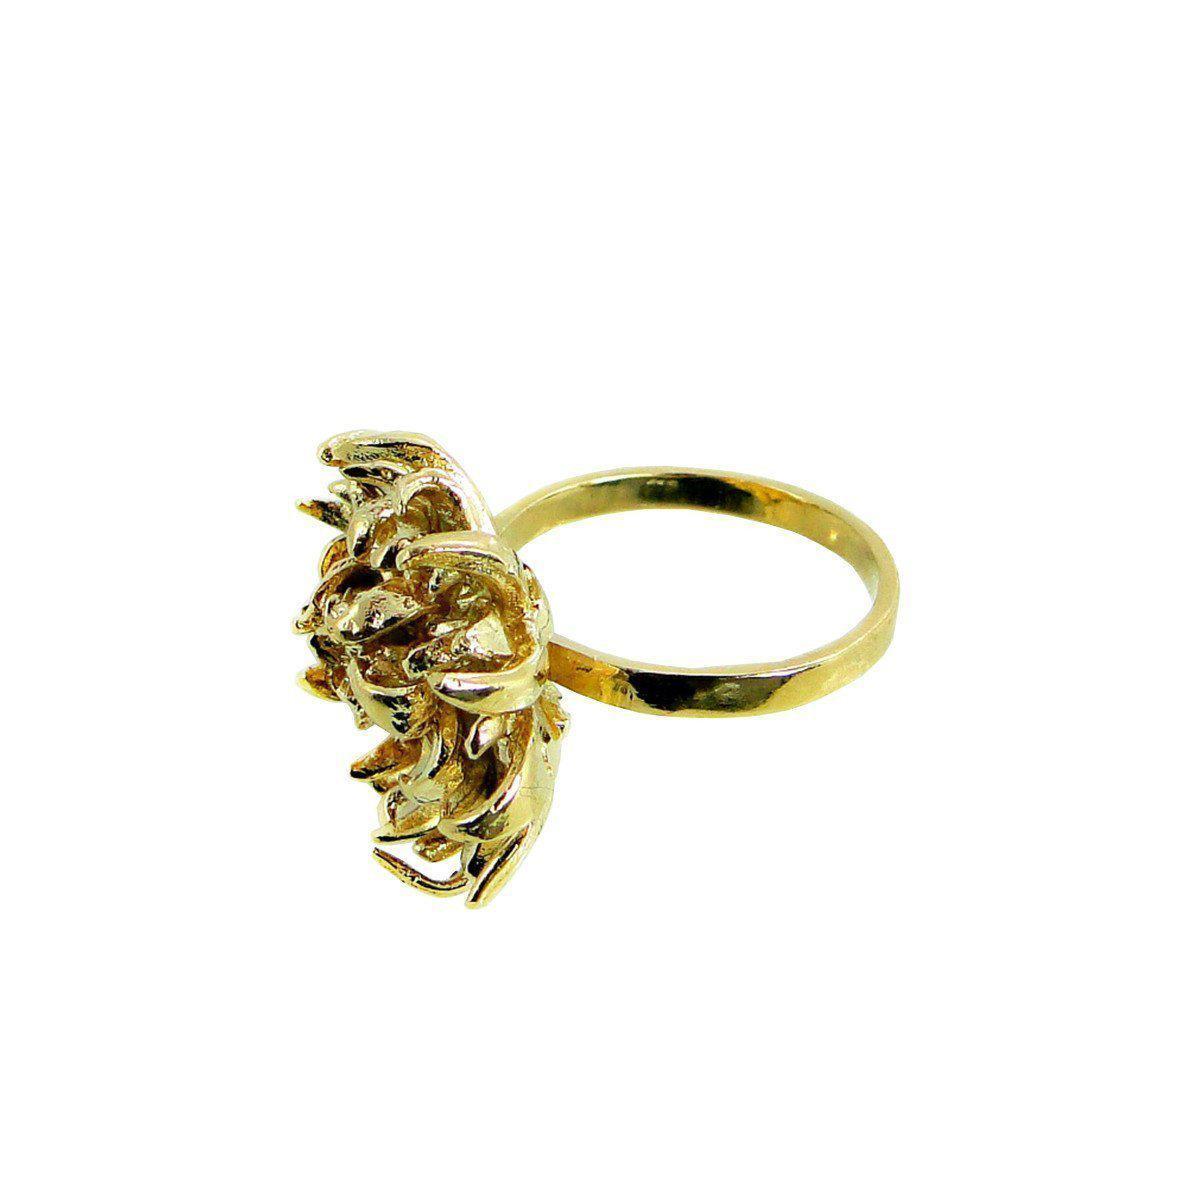 Beryl Dingemans Jewellery Gold Open Protea Ring in Metallic